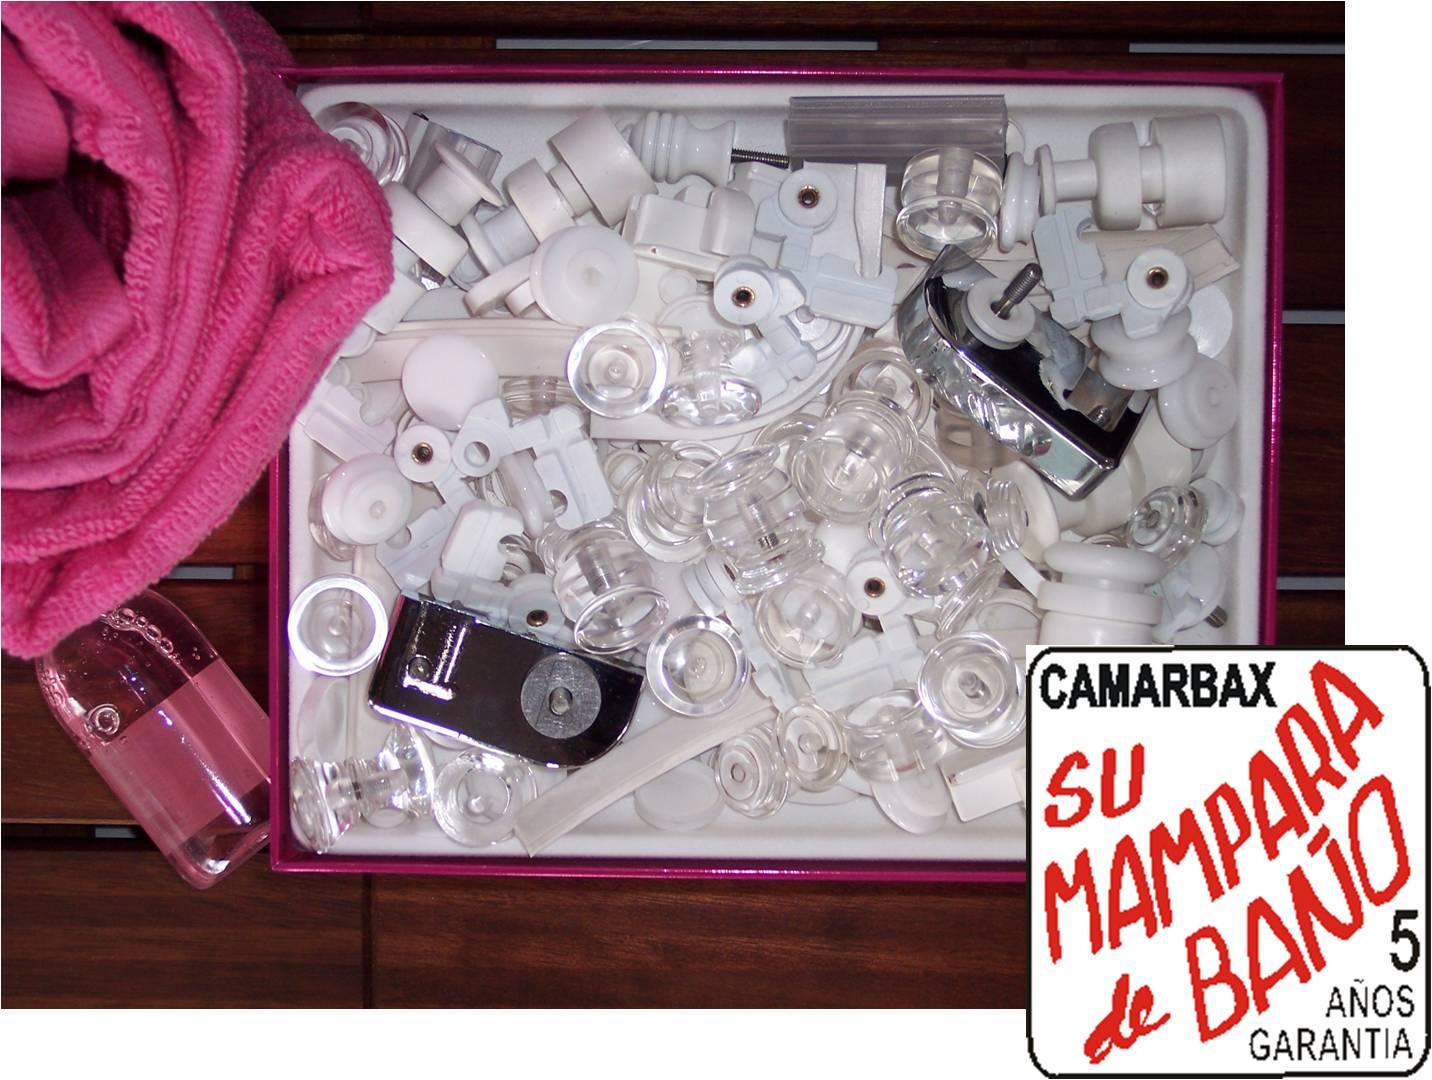 Cabinas De Baño Repuestos:1991 conservamos piezas de repuesto y accesorios originales para poder